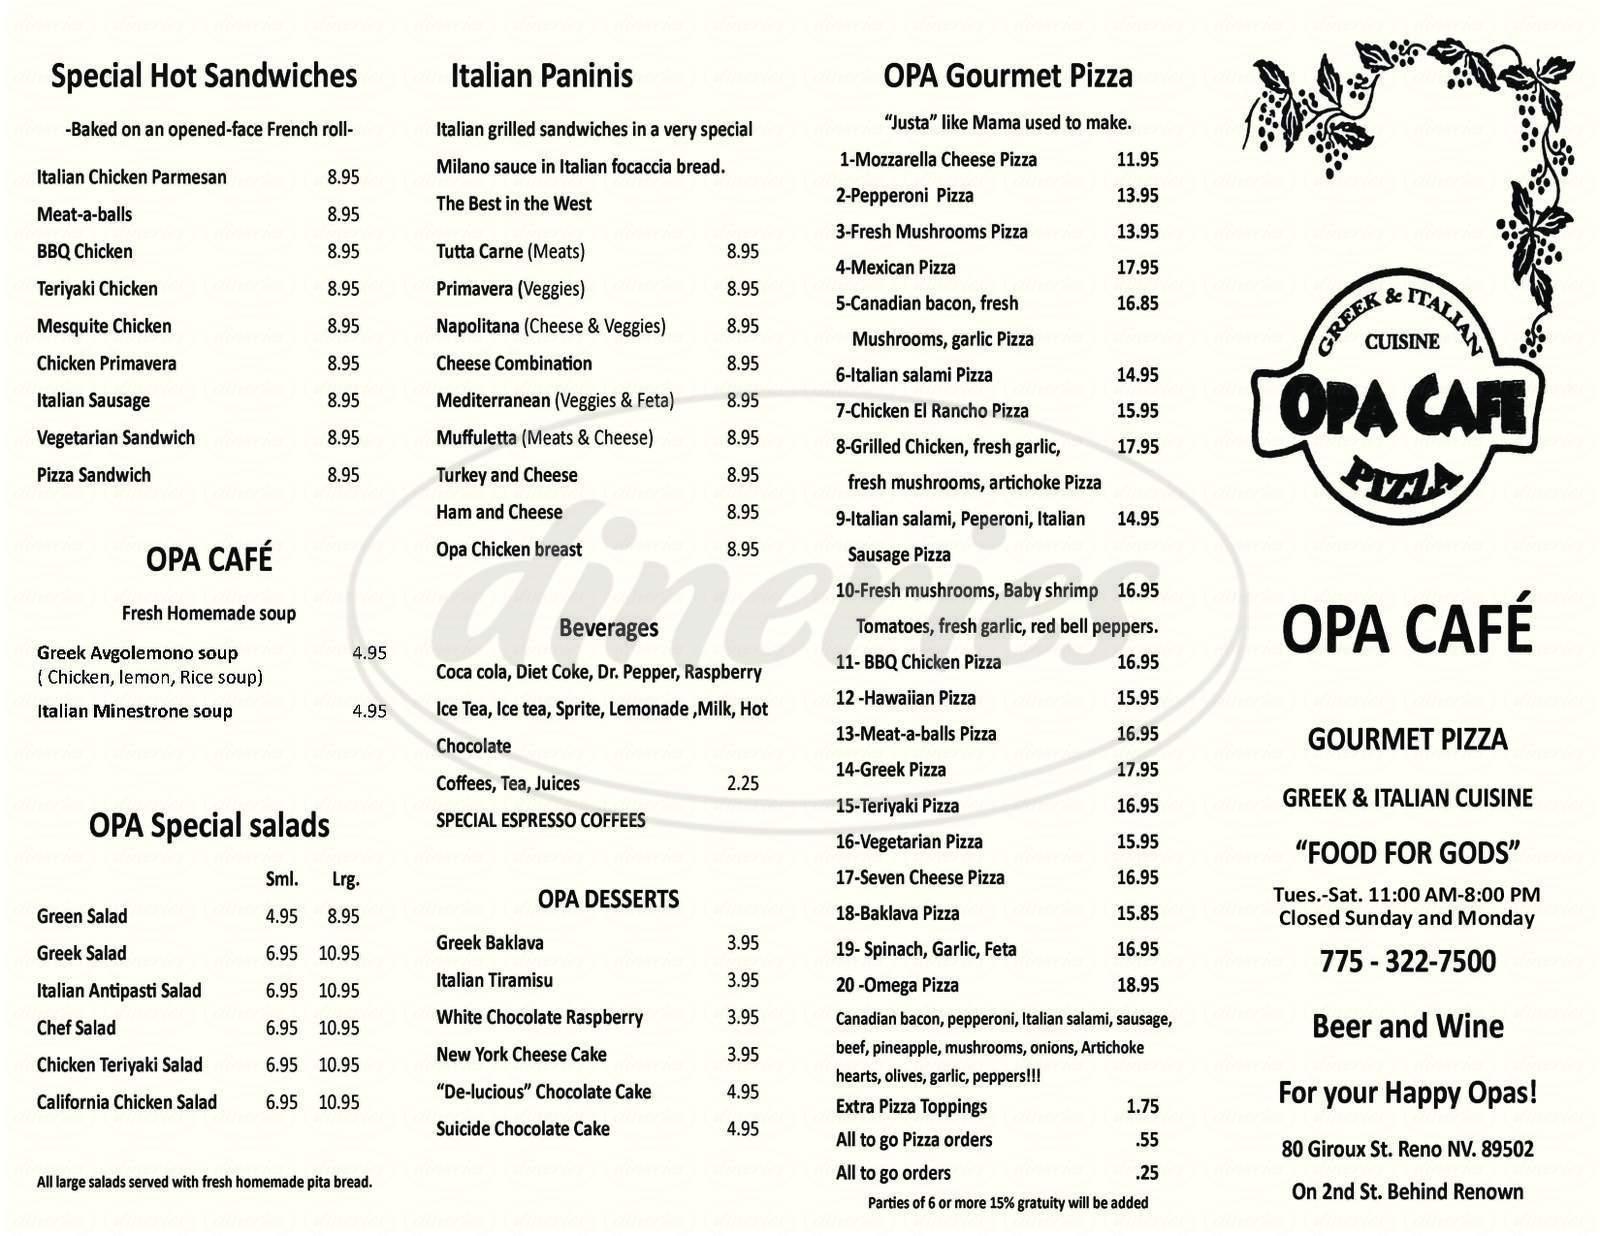 menu for Opa Cafe